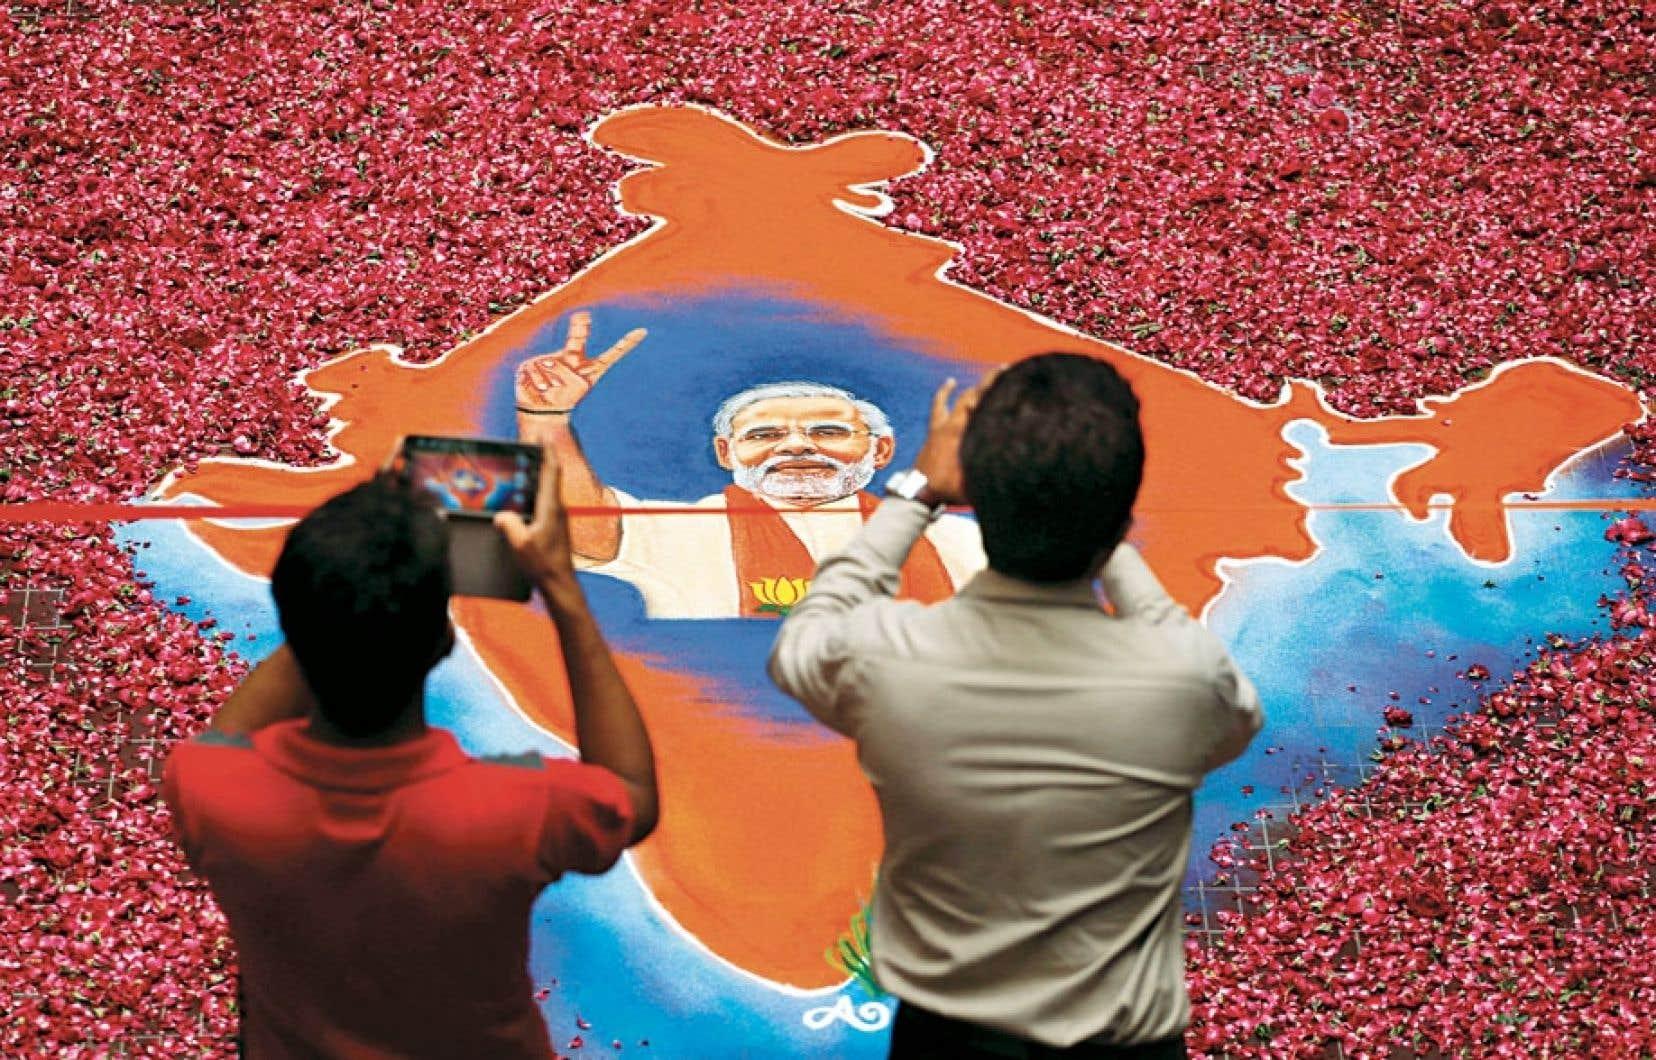 Vendredi soir, la coalition réunie autour du BJP, la National Democratic Alliance (NDA), était en voie de remporter 338 des 543 sièges de la législature, où le seuil de majorité est 272. Le parti nationaliste de Narendra Modi à lui seul la remporté la majorité au Parlement indien.